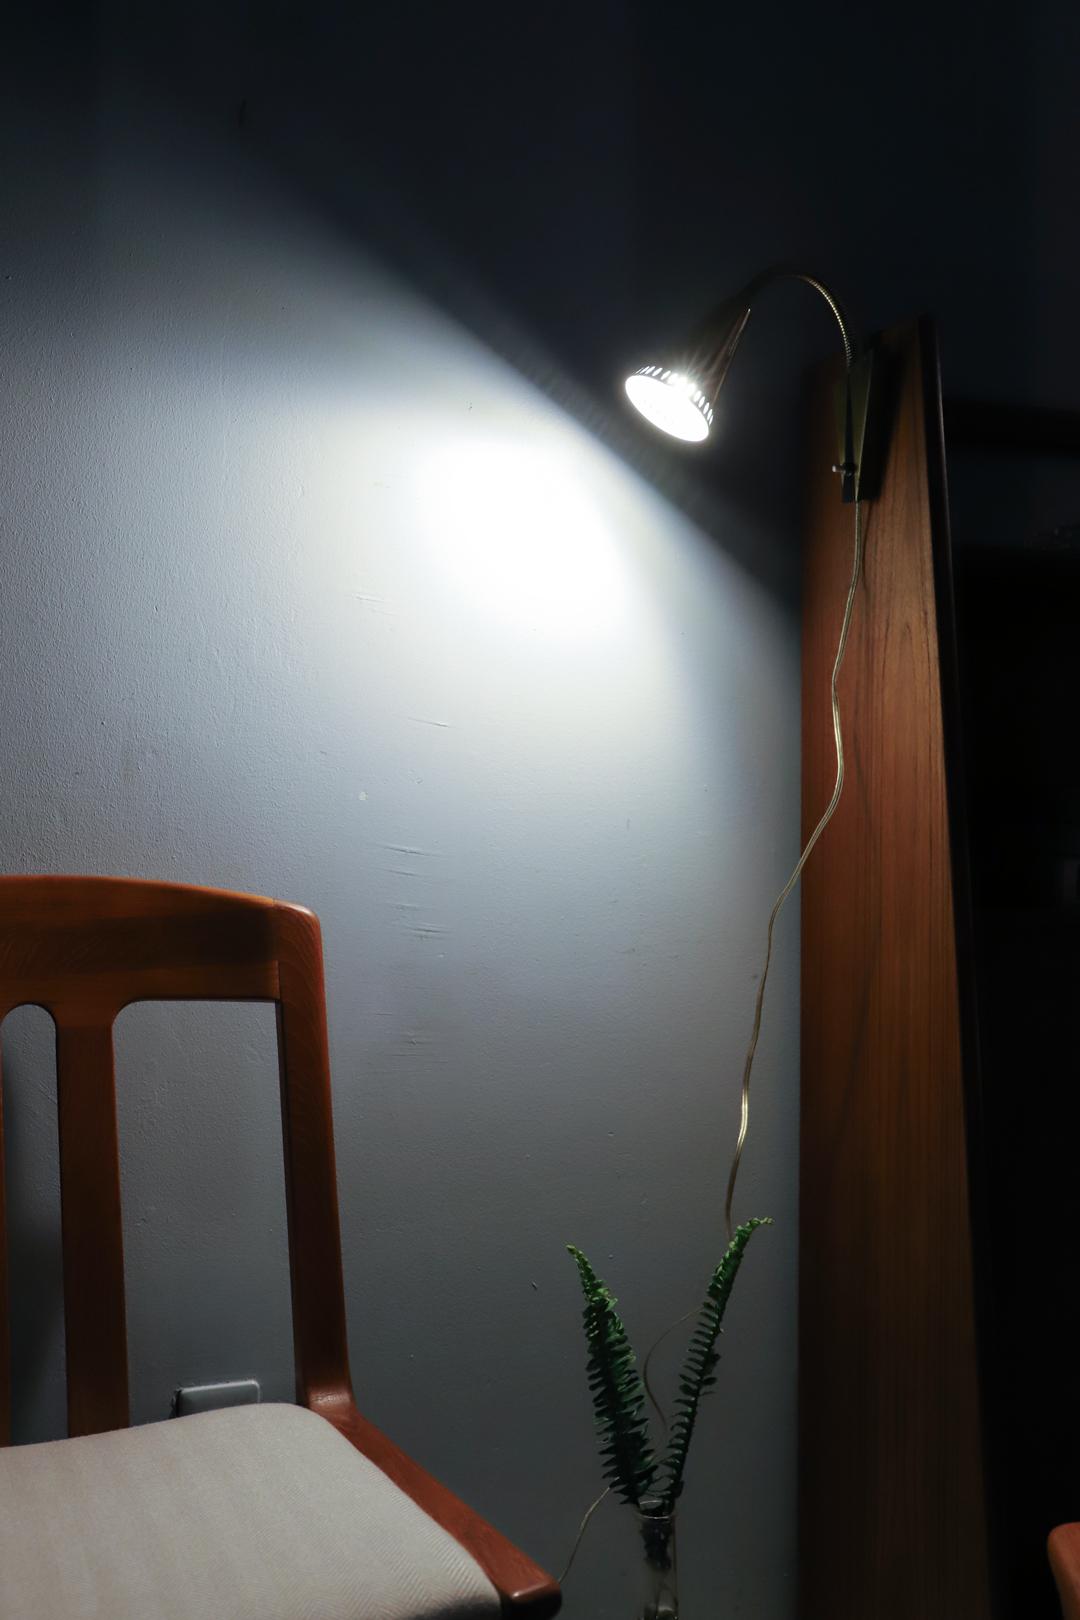 Swedish Vintage Asea Wall Lamp/スウェーデン ヴィンテージ アセア ウォールランプ 真鍮 照明 ミッドセンチュリー 北欧インテリア